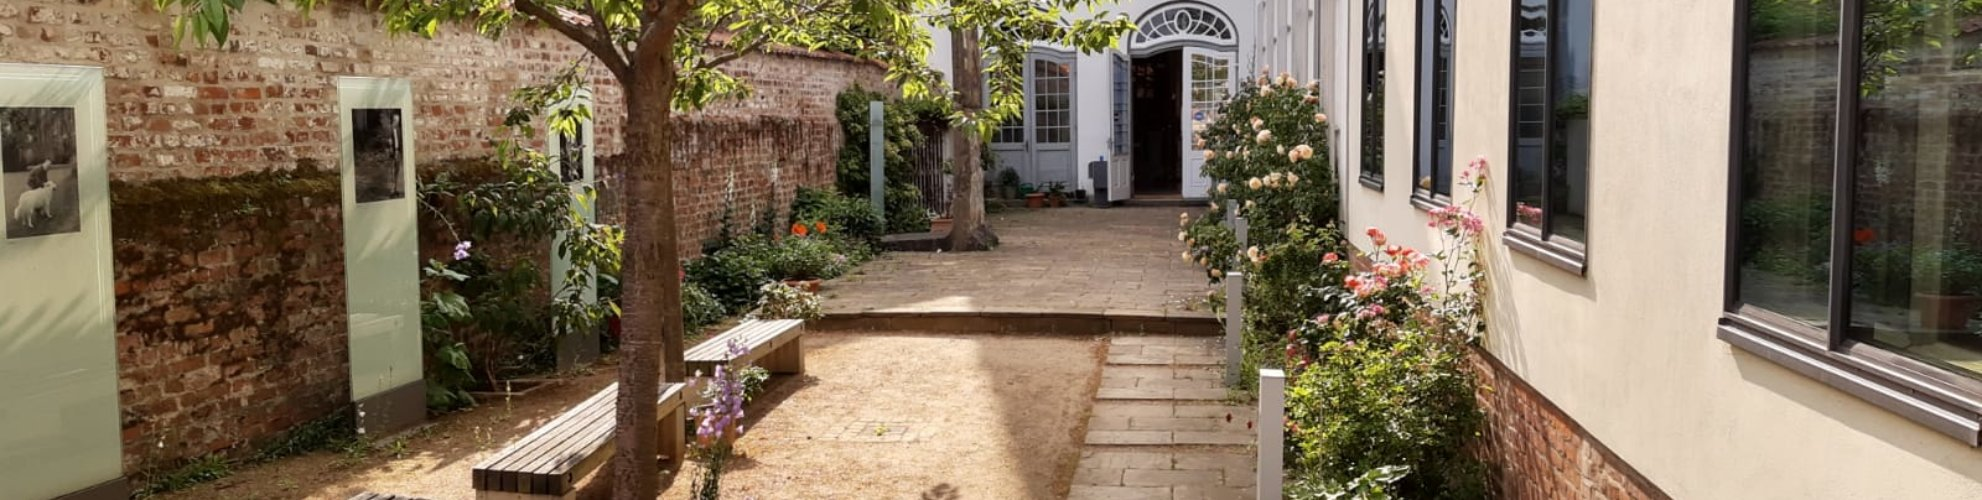 Willy-Brandt-Haus | Gartenanlage